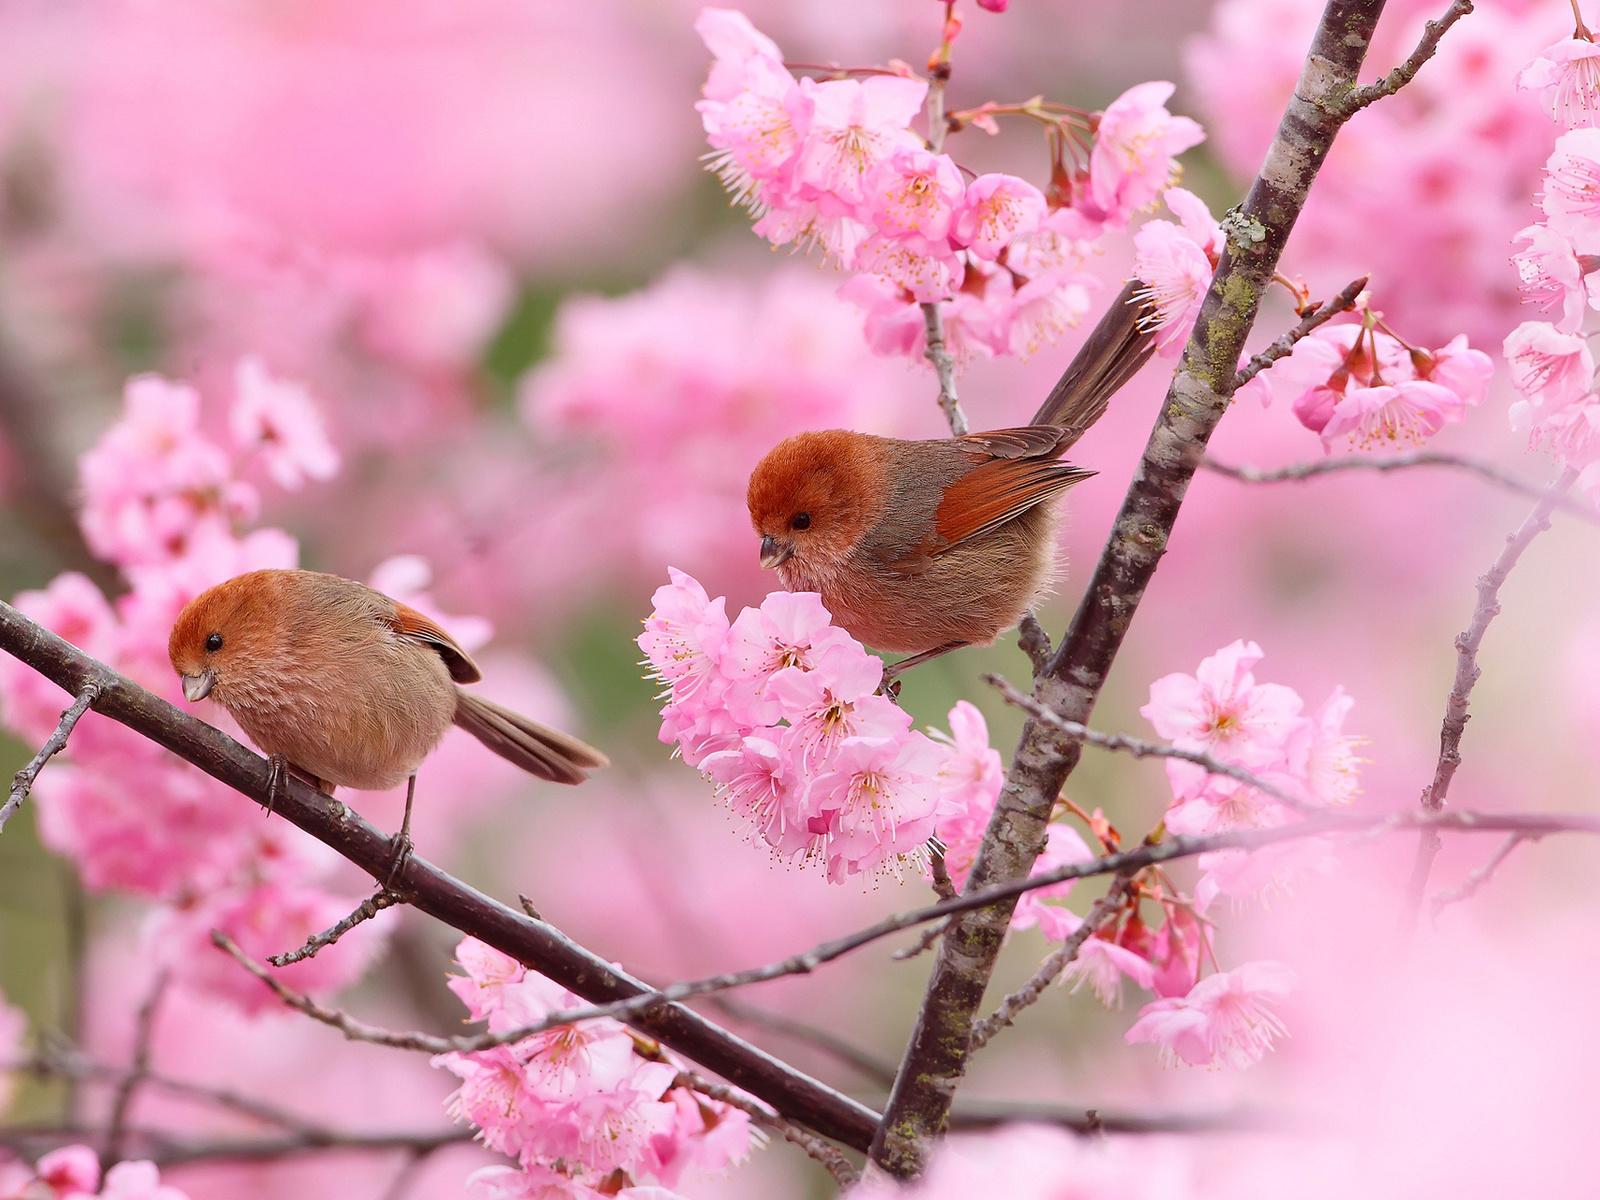 картинки на тему весна смотреть днем